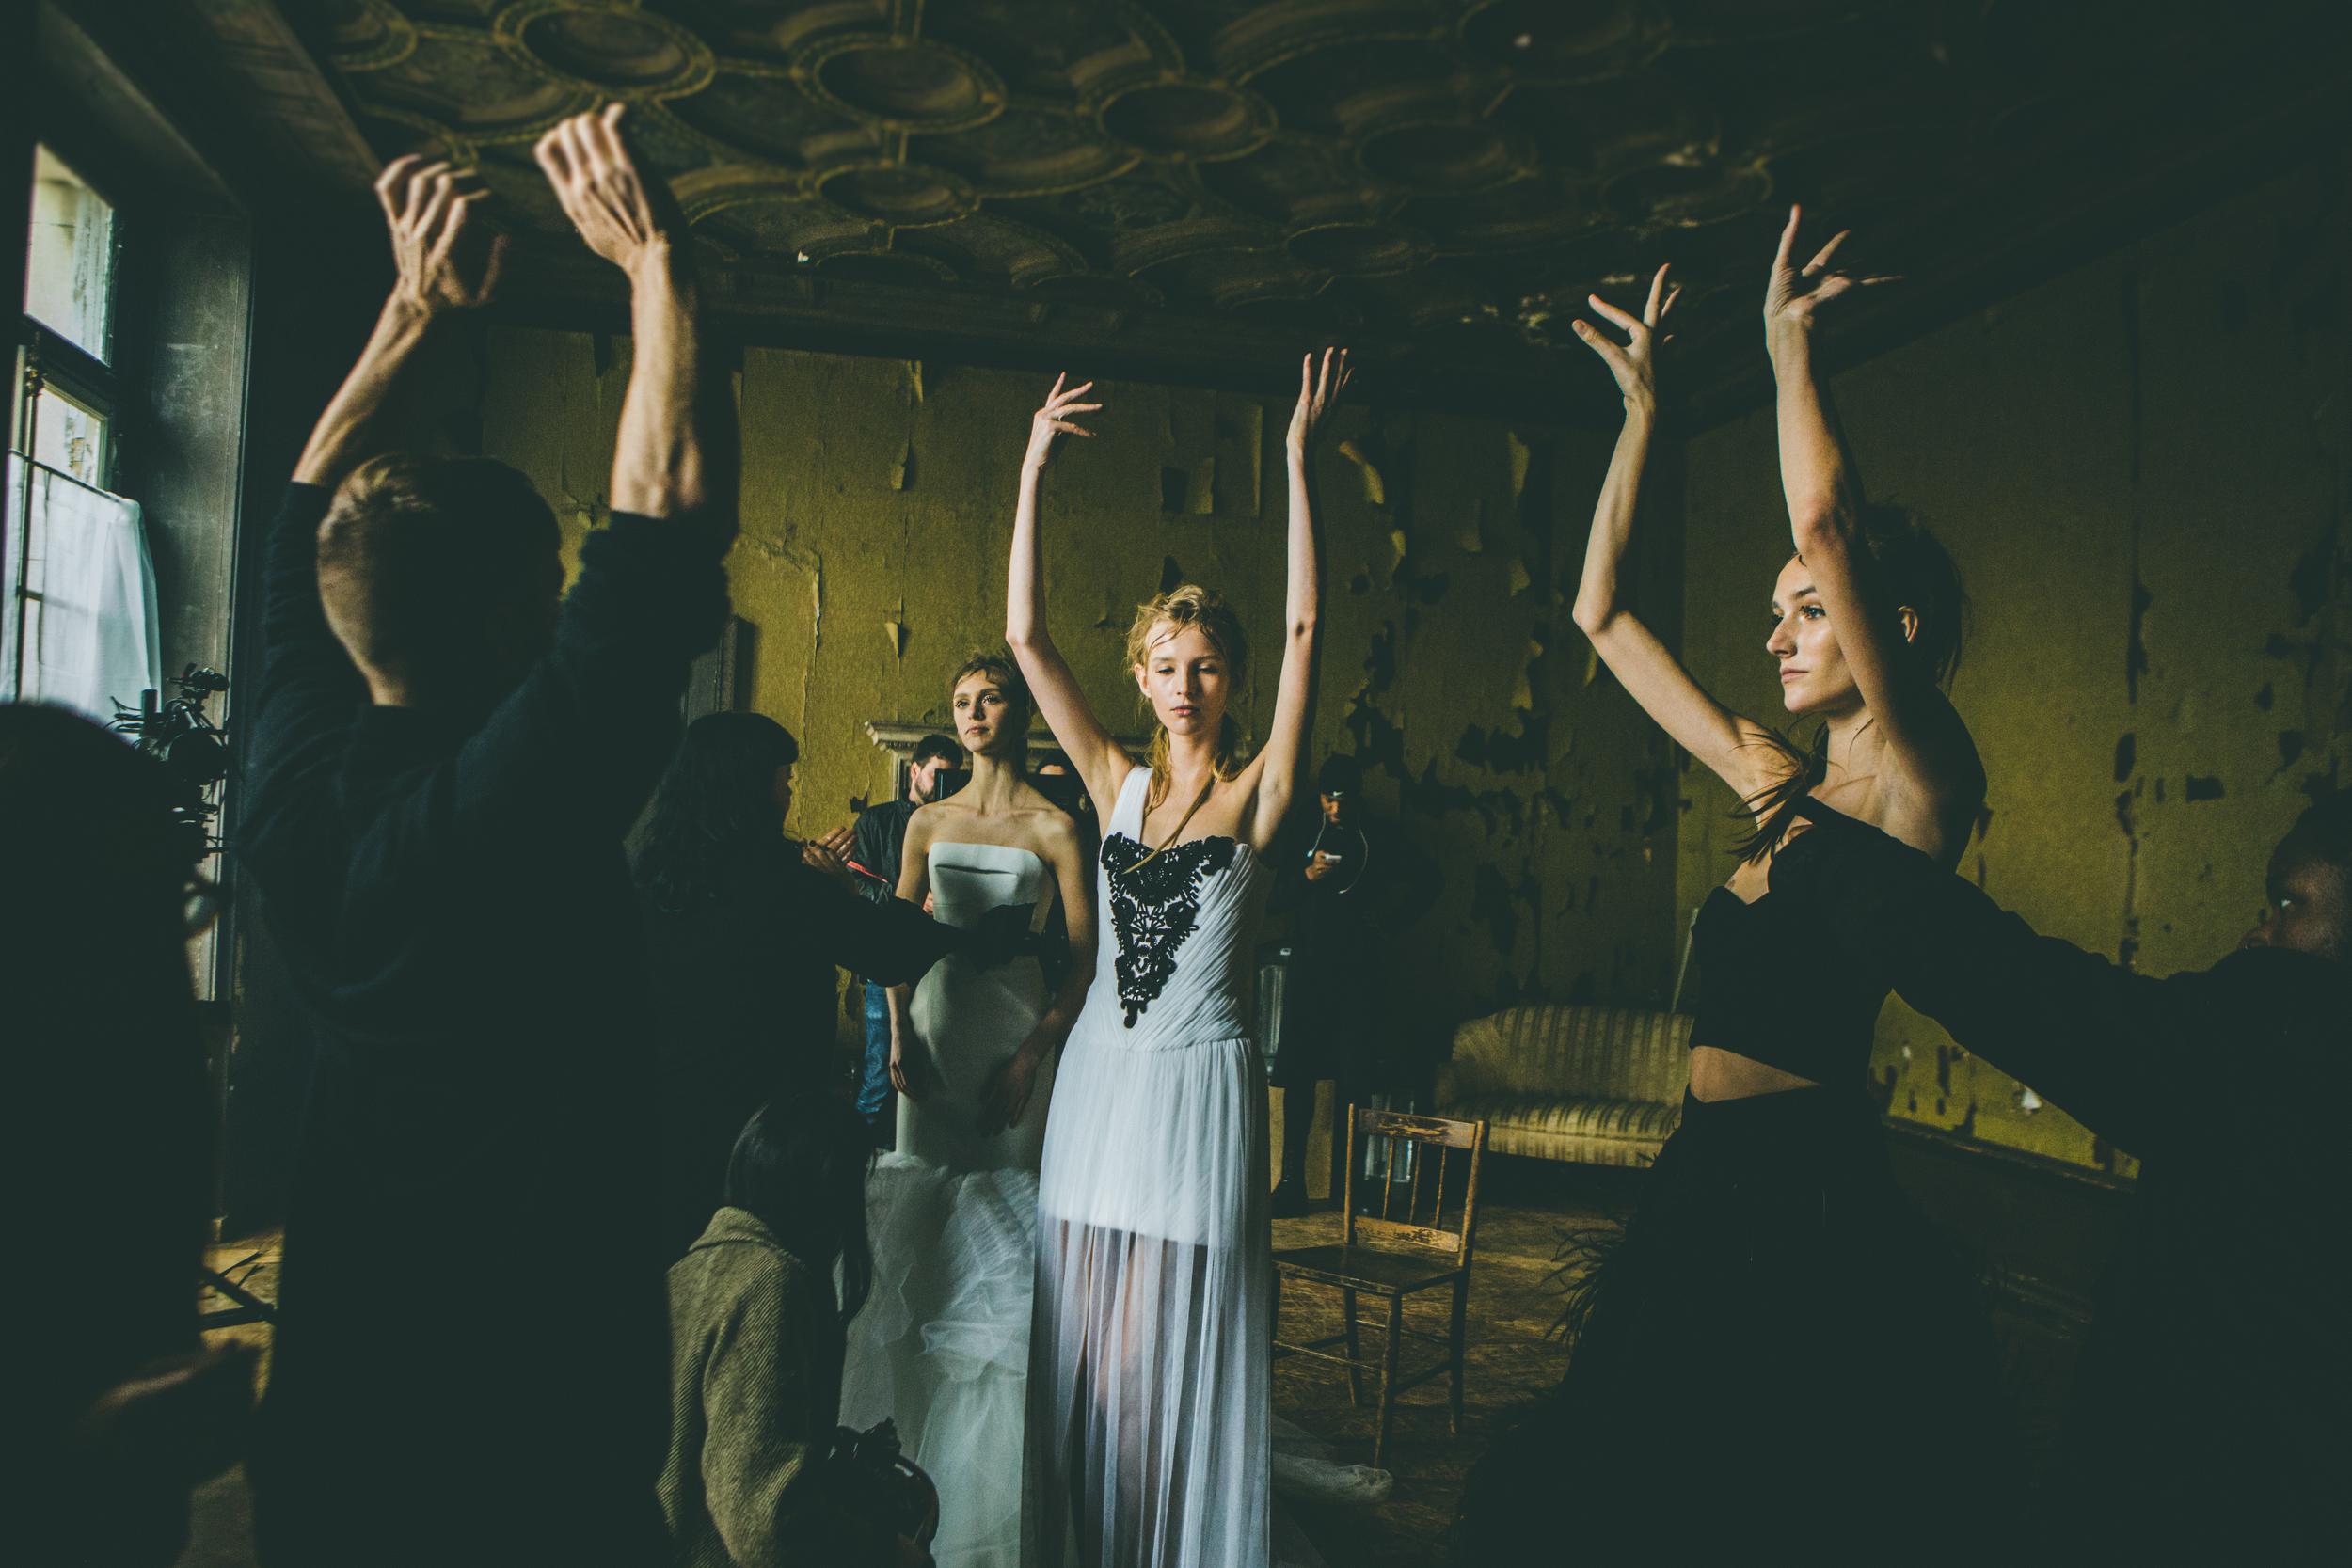 VERA_WANG_Video3_Flamenco_Marianna_Jamadi-1.jpg